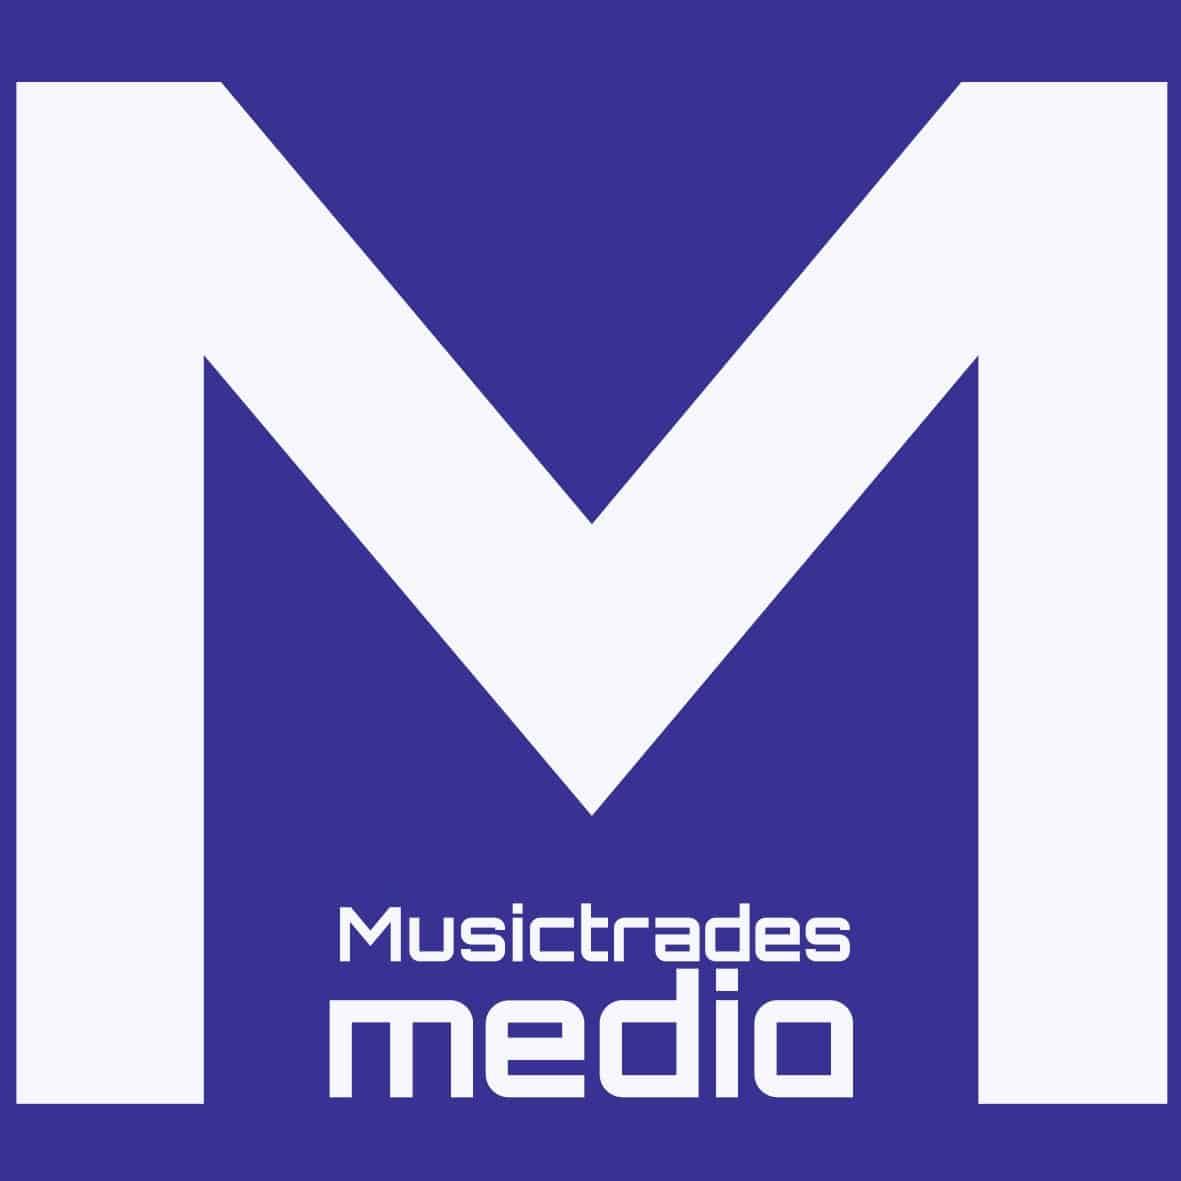 Musictrades Media